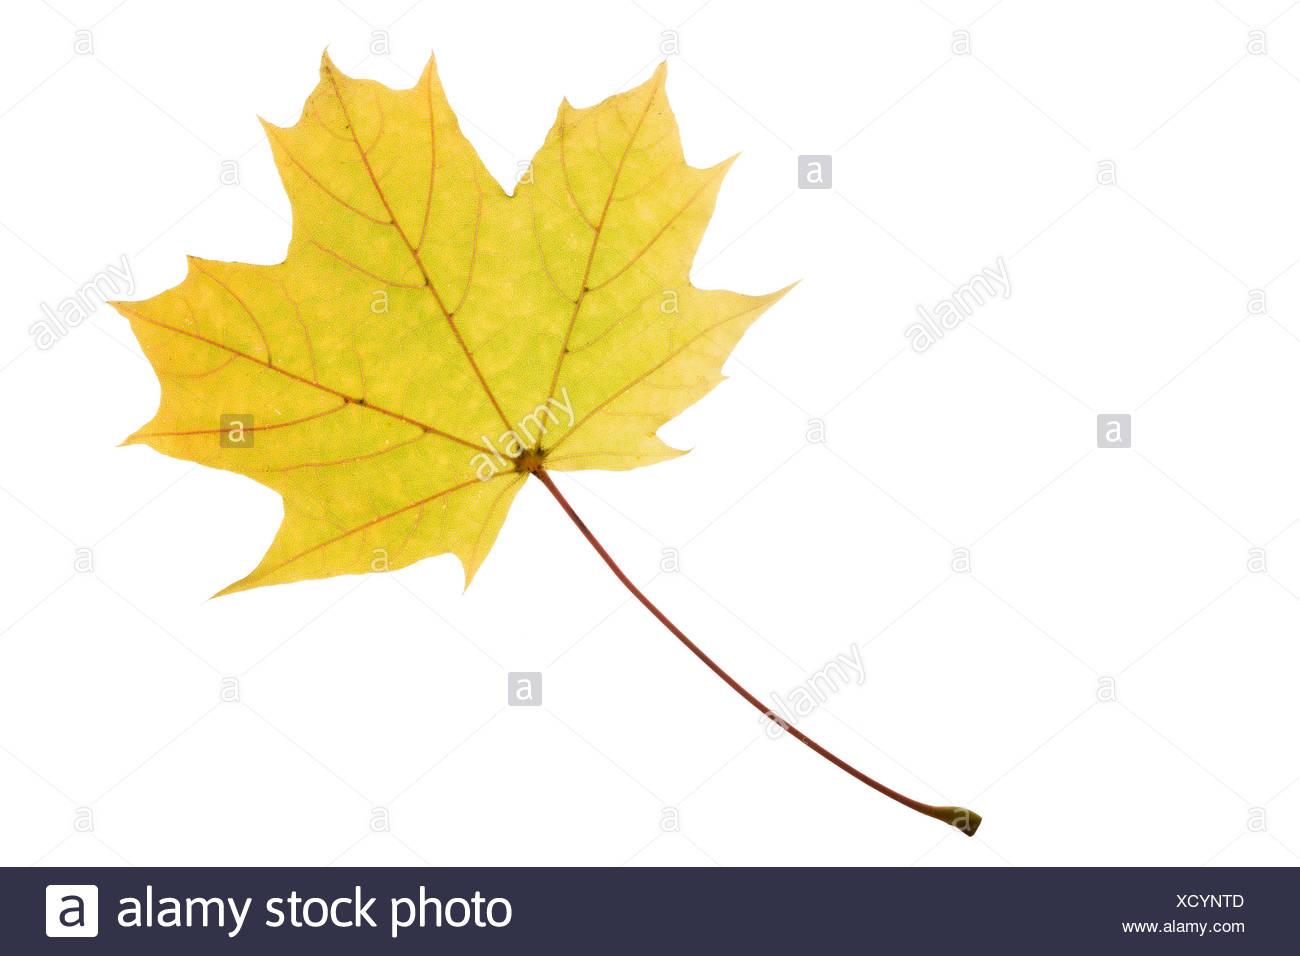 Fantastisch Herbst Färbung Seite Ideen - Ideen Wieder Aufnehmen ...